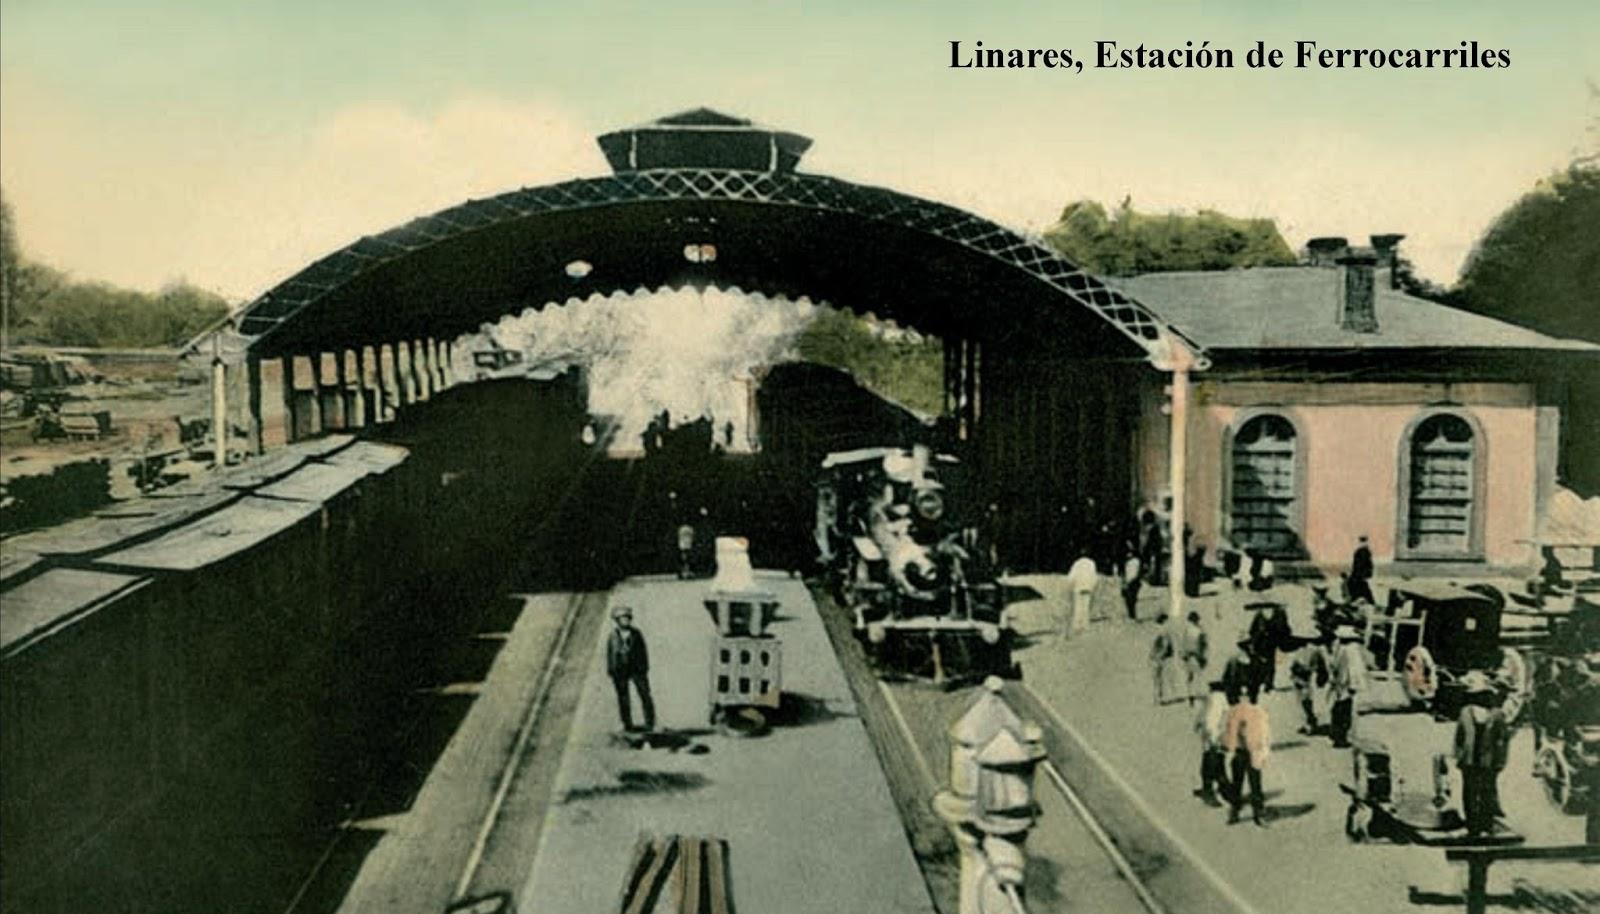 Enterreno - Fotos históricas de chile - fotos antiguas de Chile - Estación de ferrocarriles de Linares en 1930